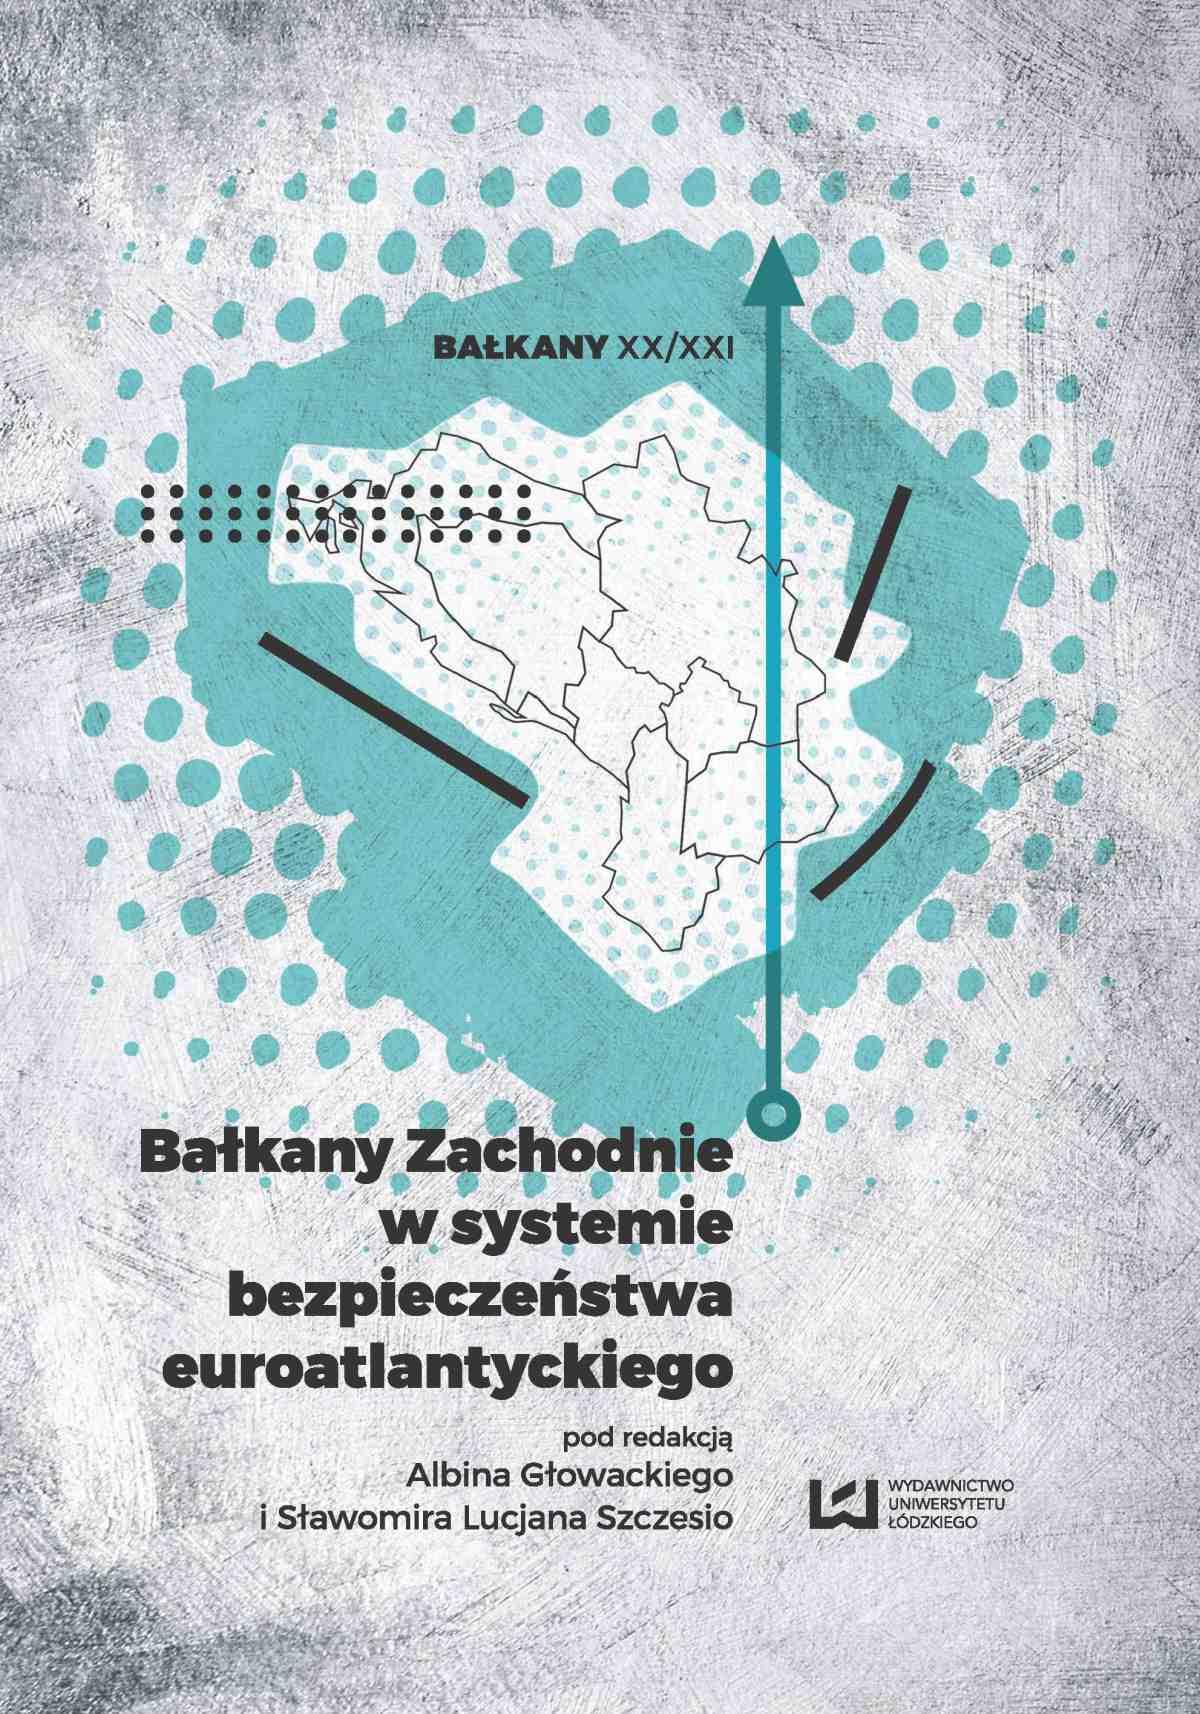 Bałkany Zachodnie w systemie bezpieczeństwa euroatlantyckiego - Ebook (Książka PDF) do pobrania w formacie PDF